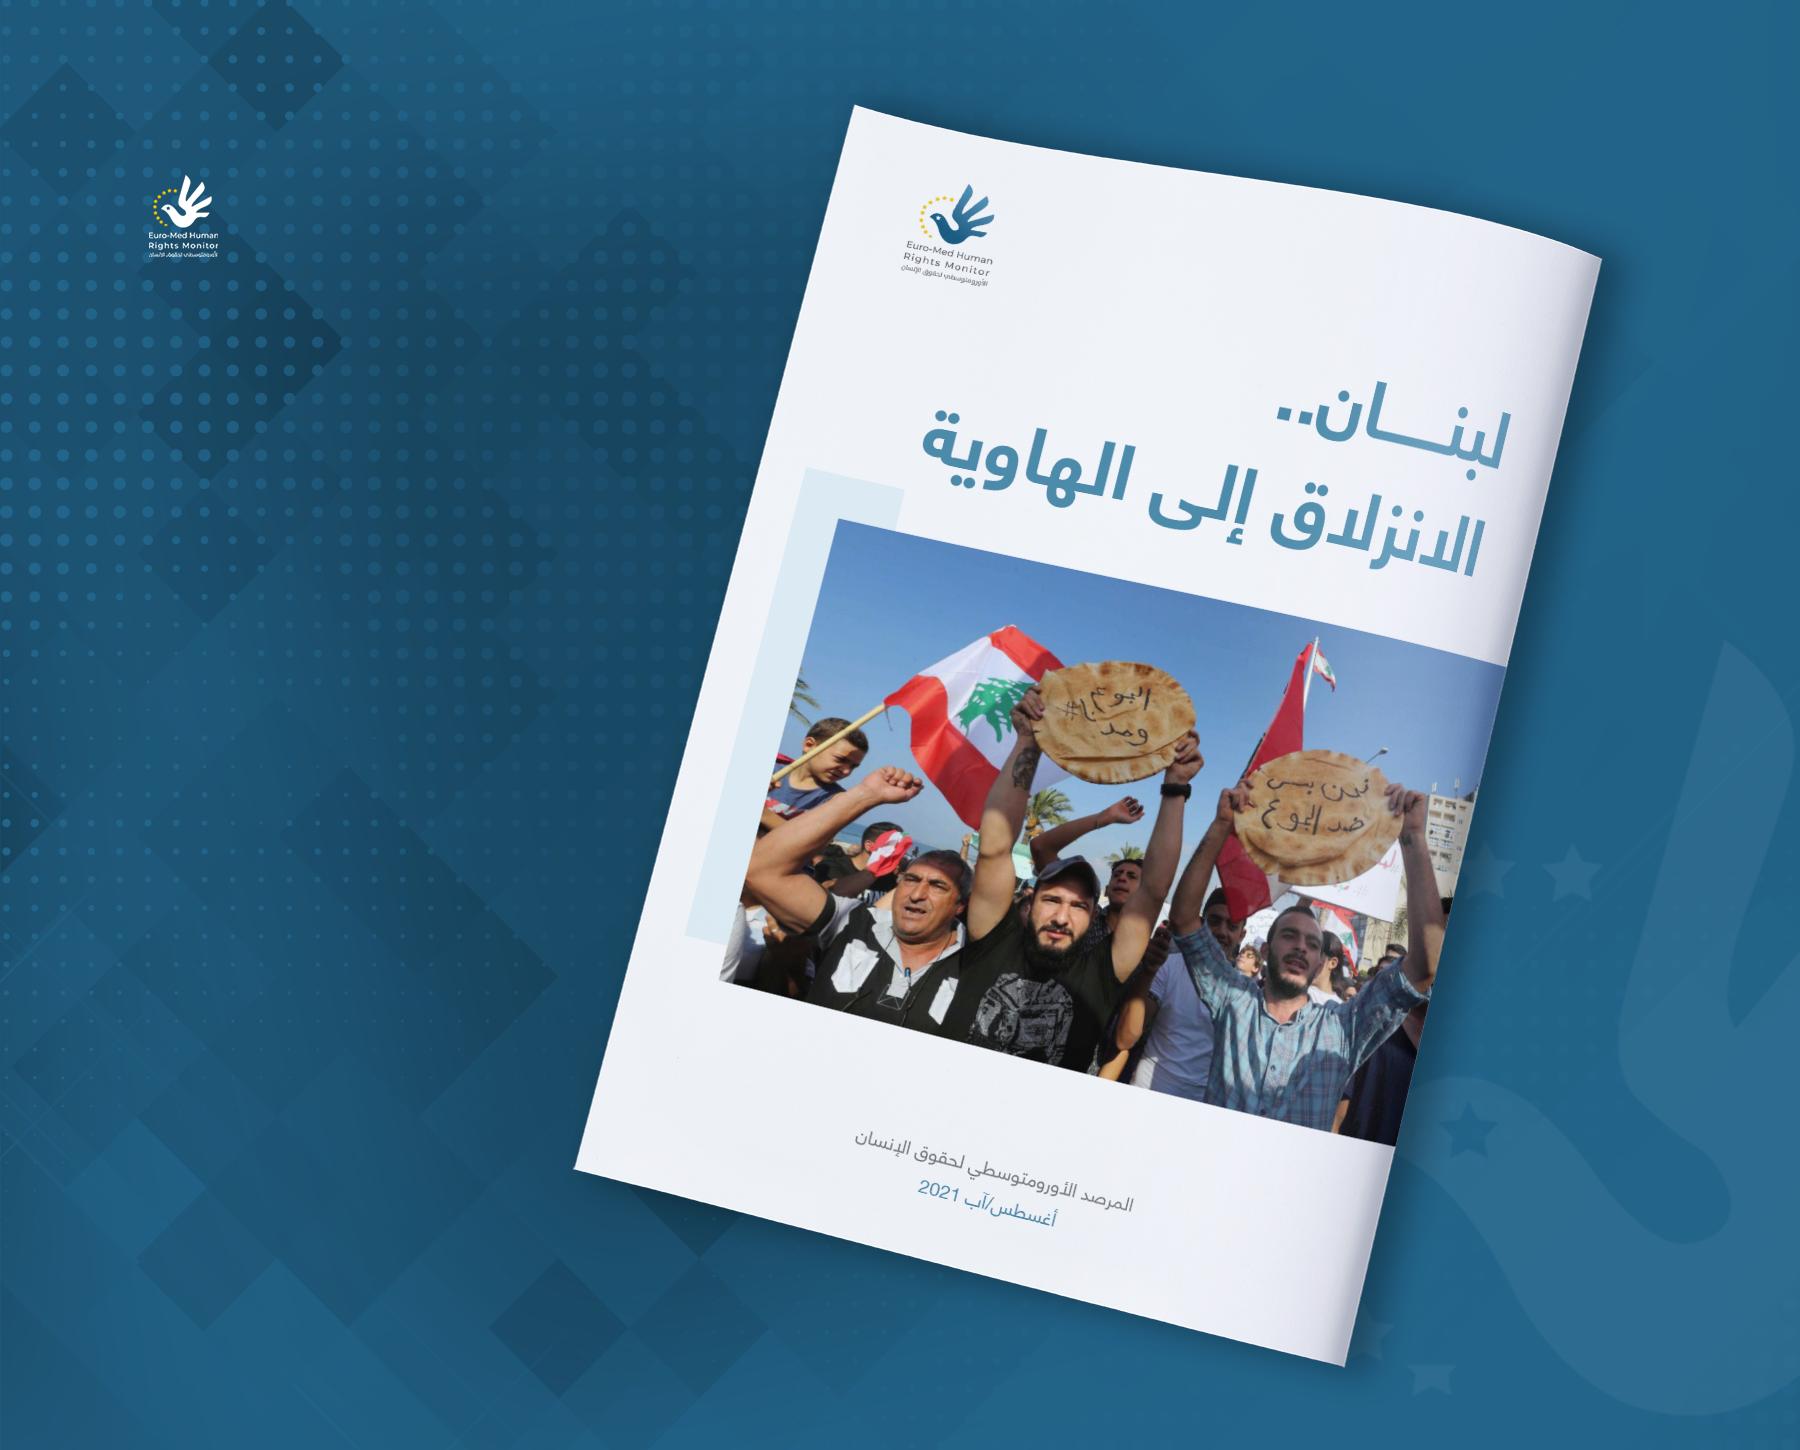 الانزلاق إلى الهاوية: نصف السكان فقراء ونصف المهاجرين بلا عمل في لبنان